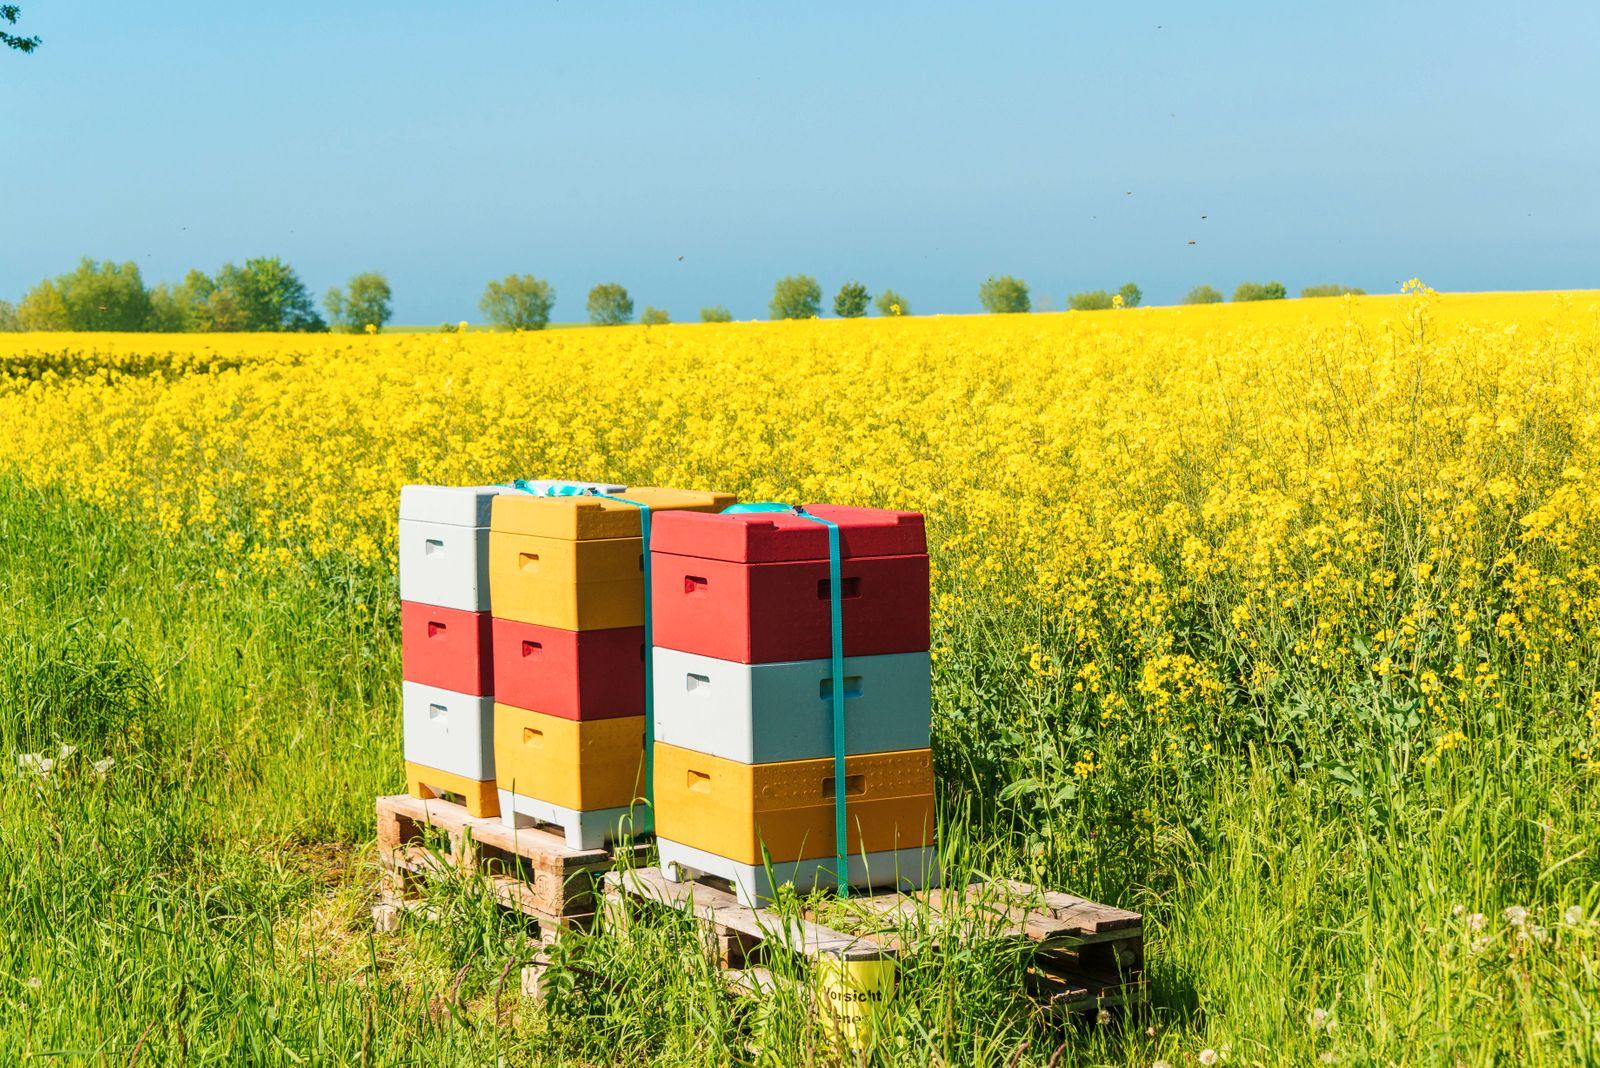 Kiel, Bienenkörbe an einem in voller Blüte stehenden Rapsfeld *** Kiel, beehives at a rape field in full bloom